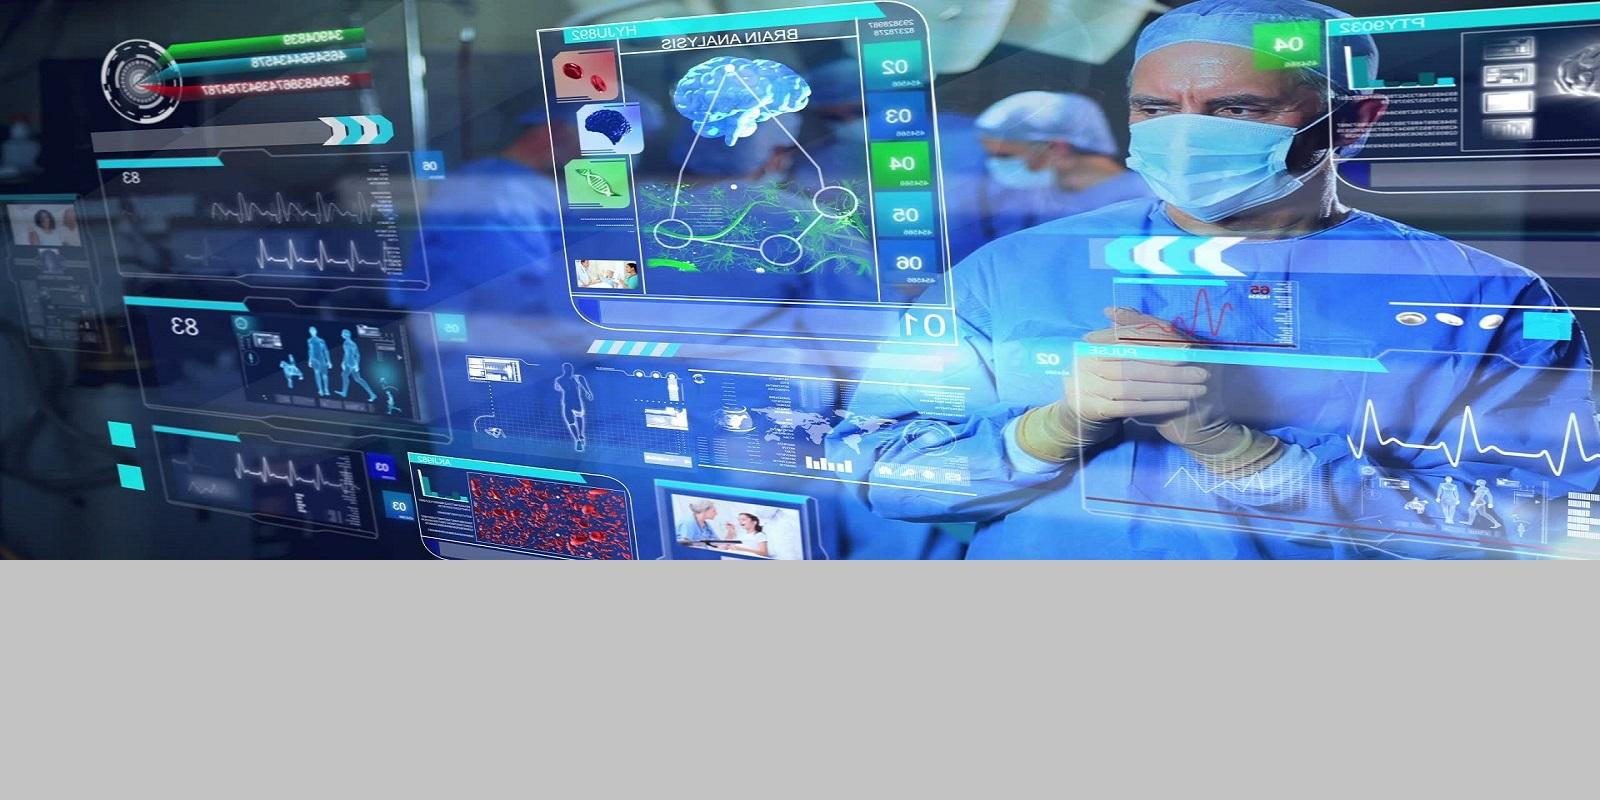 ساخت دستگاههای پزشکی